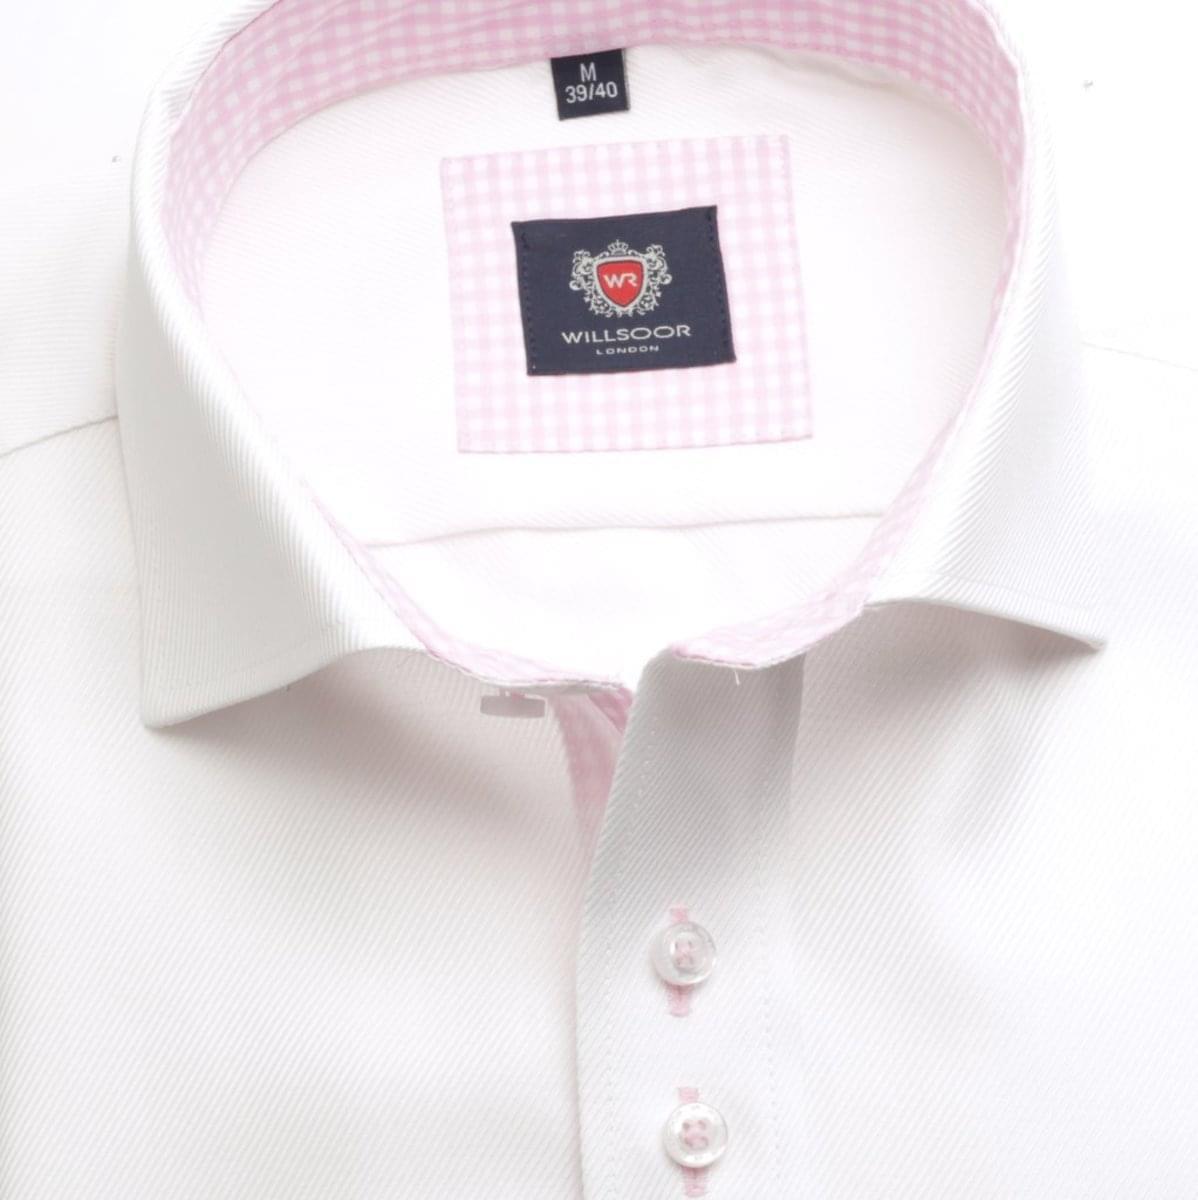 Pánská košile WR London v bílé barvě (výška 176-182) 5287 176-182 / XL (43/44)